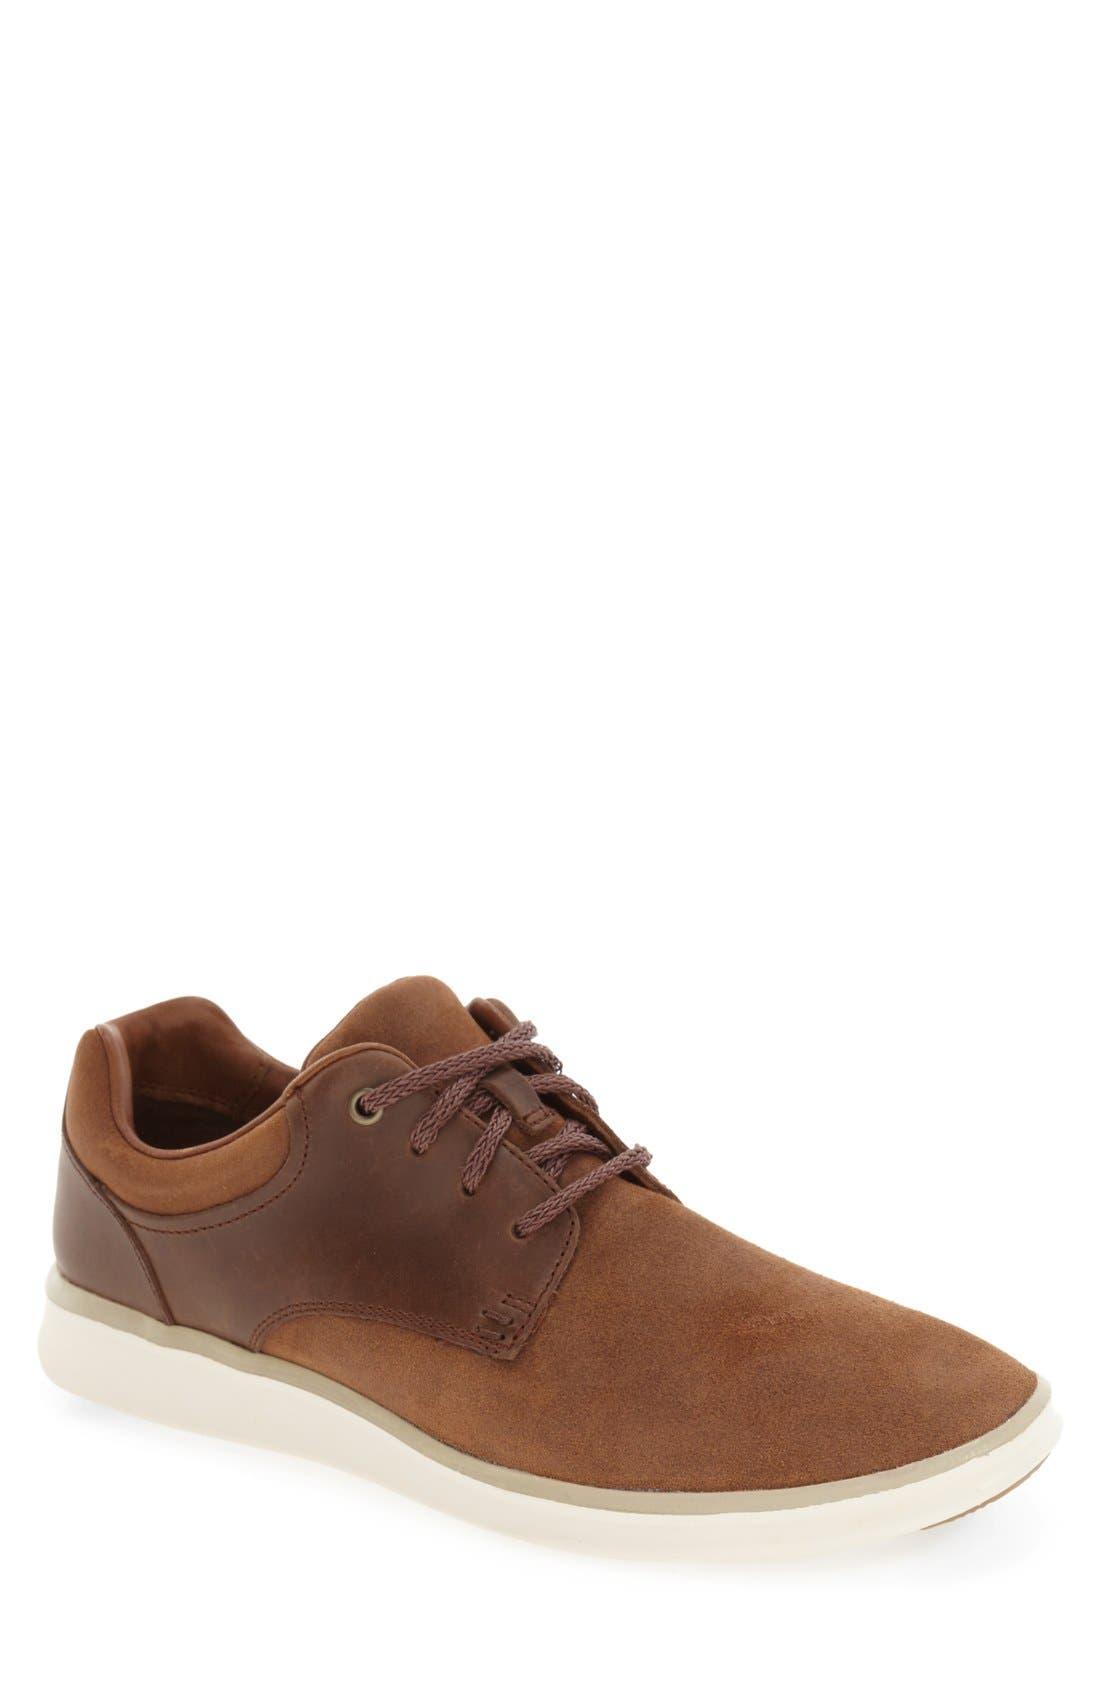 'Hepner' Woven Sneaker,                             Main thumbnail 1, color,                             039